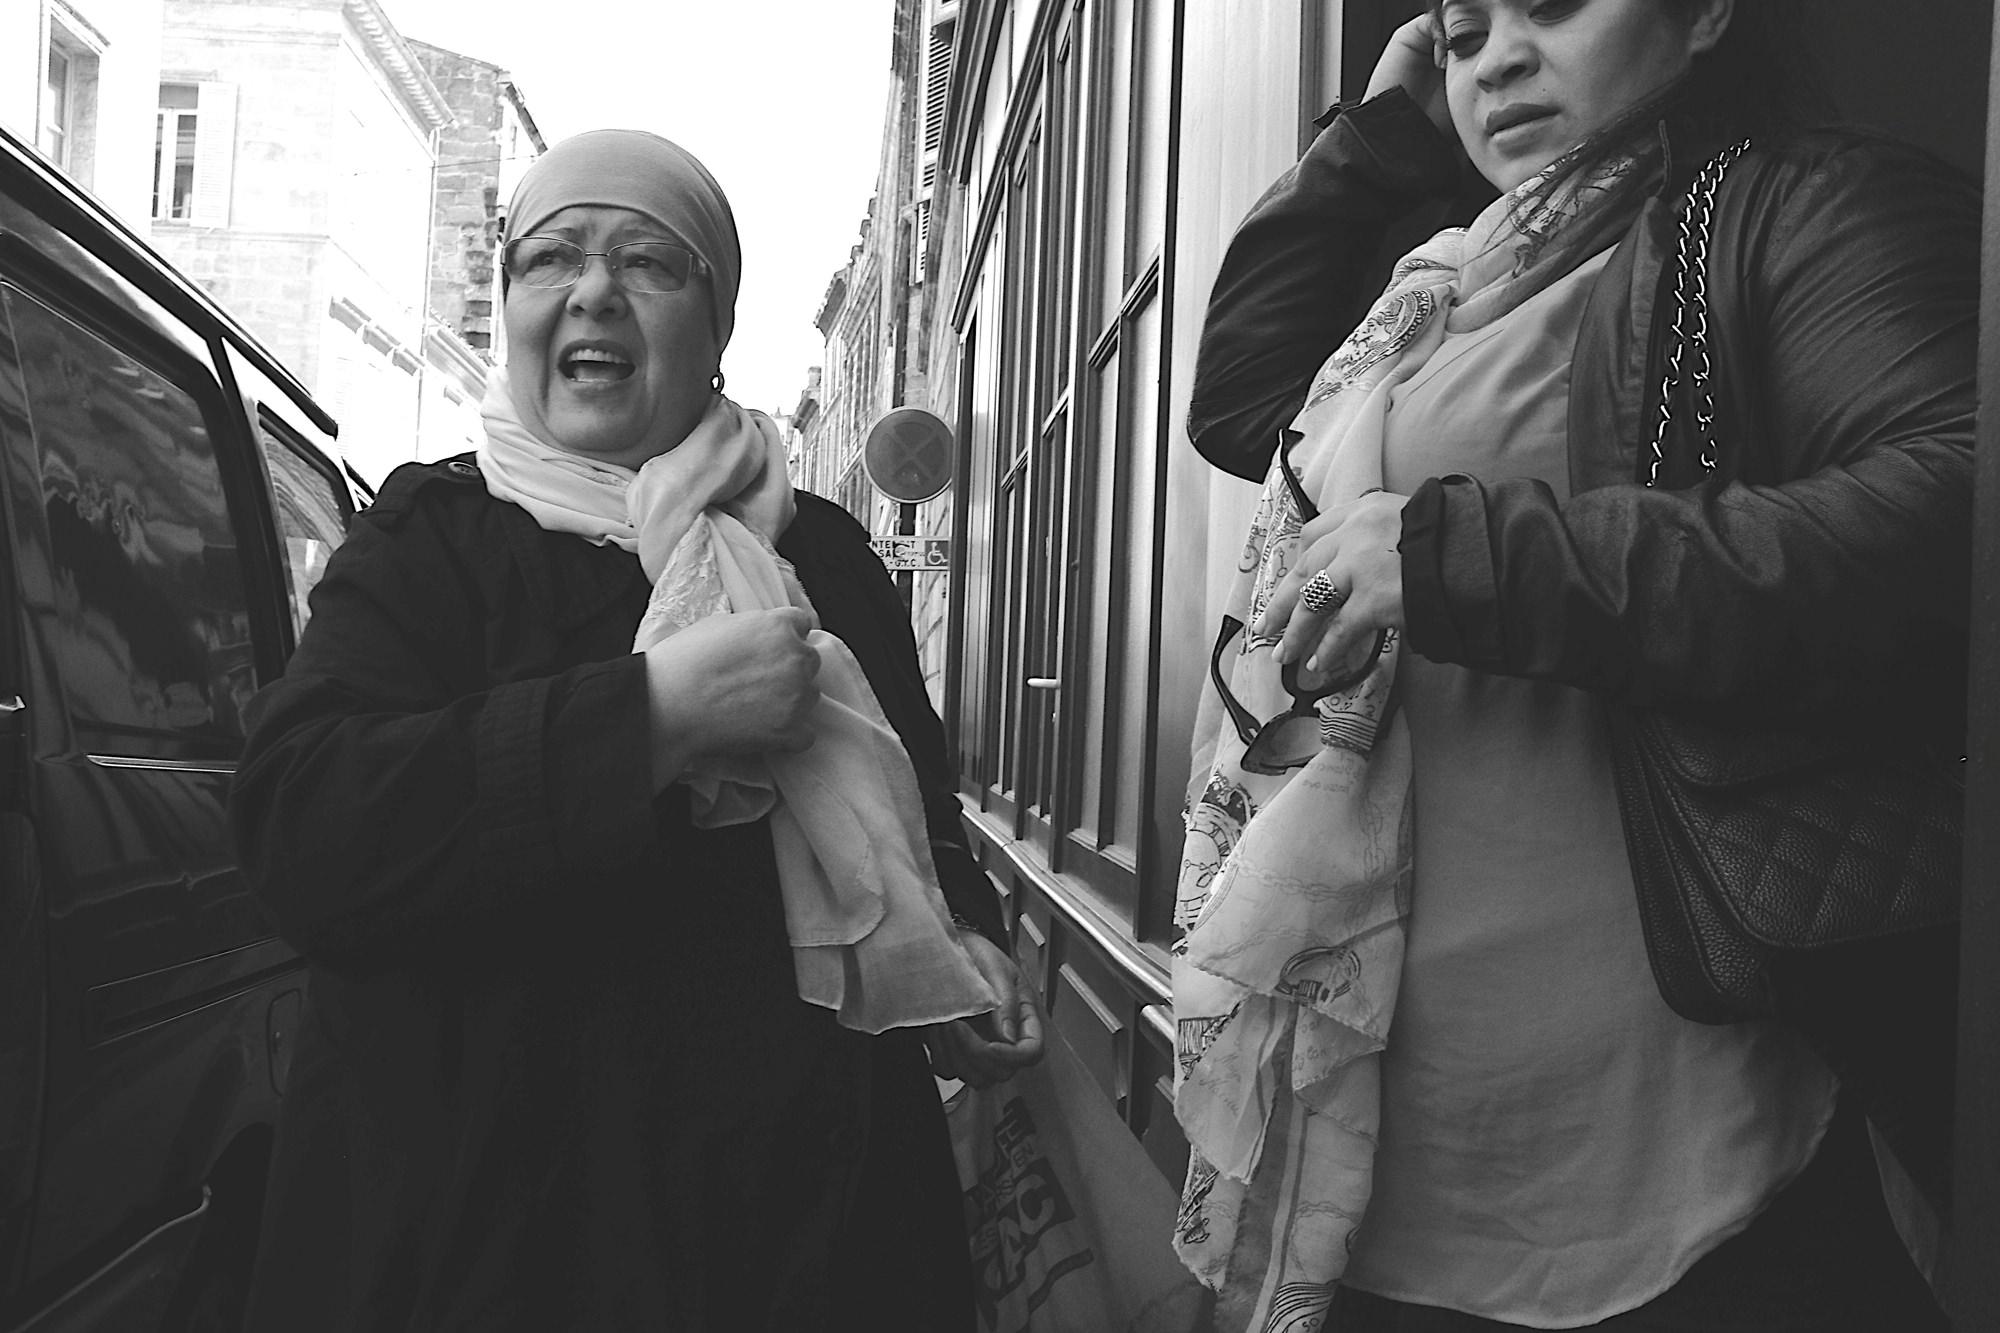 Expression du bien-vivre. Deux femmes pleines de vie en grande conversation dans le quartier Saint-Michel de Bordeaux. L'image vivante de l'échange, du bien-vivre entre différentes cultures, couleurs de peau ou de religion. Les rondeurs de ces deux femmes apportent une forme de douceur et de sérénité très maternelle. Techniquement, la photo n'était pas simple à réaliser car c'était un one shot et j'ai eu la chance de saisir ces deux visages expressifs.  Expression du bien-vivre. Quartier Saint-Michel | Bordeaux | France Fuji X100S | 23ƒ2 (35 equivalence) Photos sur le site 500px  ©Thierry Lothon 2014.